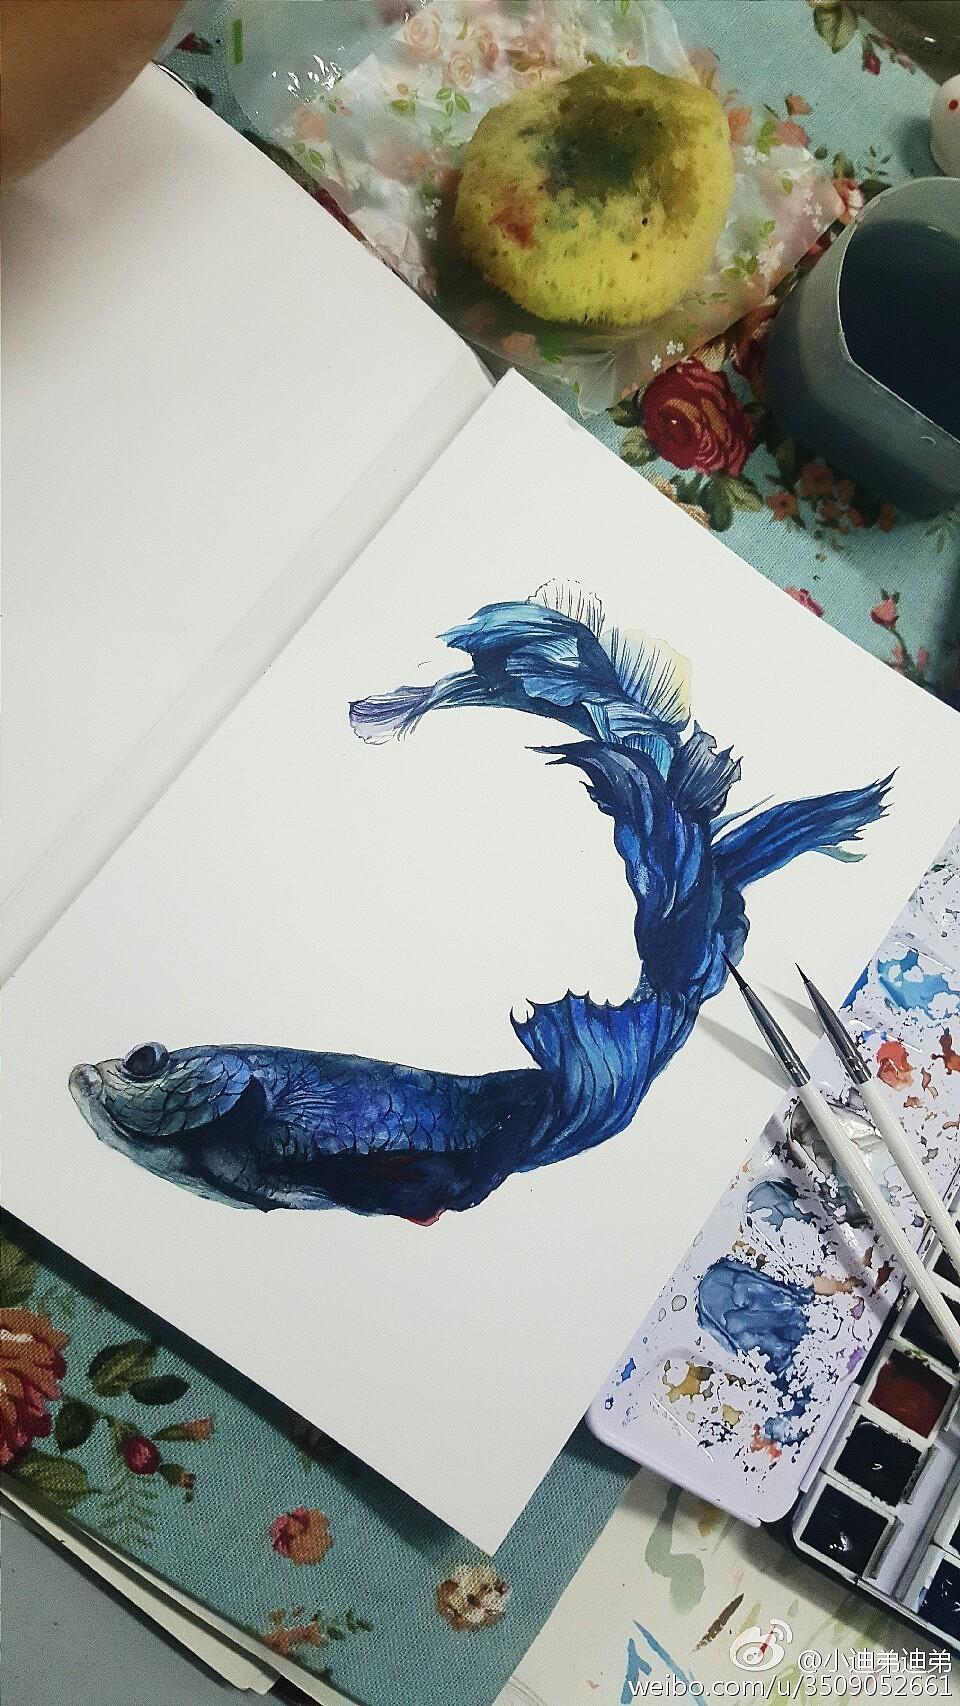 水彩手绘鱼